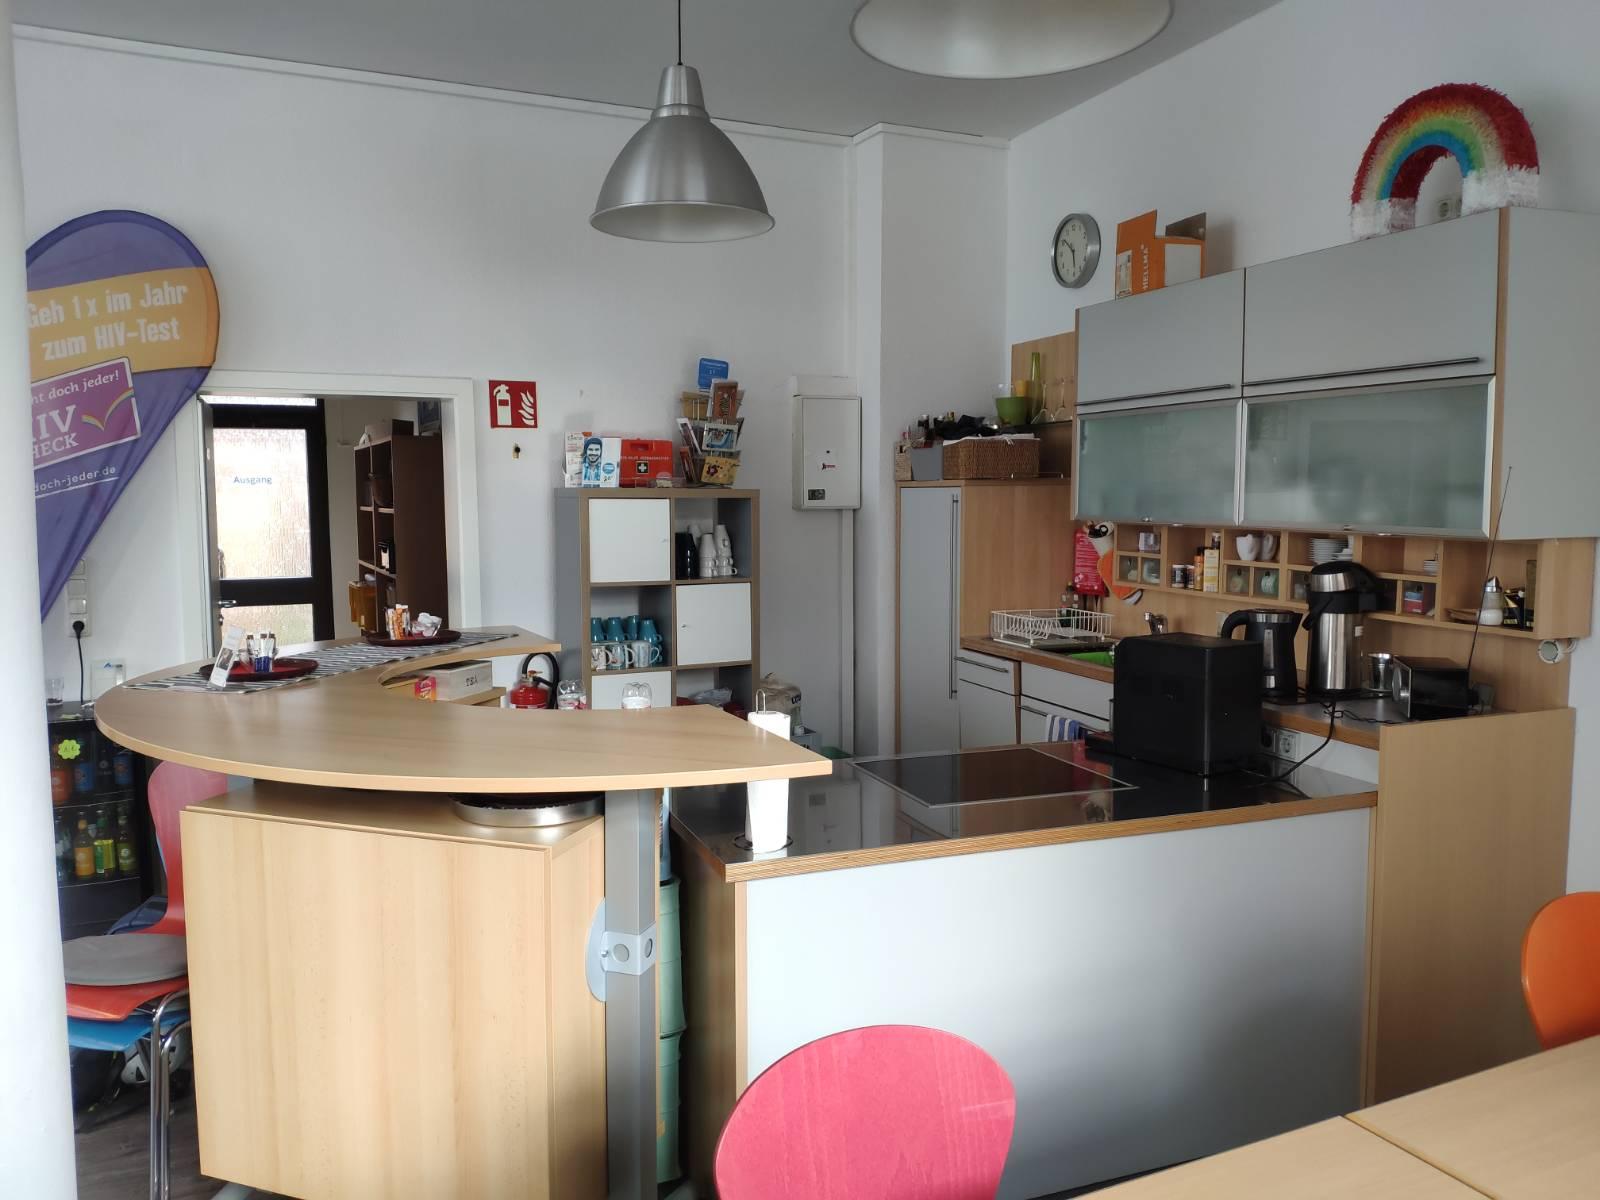 Das Bild zeigt eine Küche mit Thekenbereich